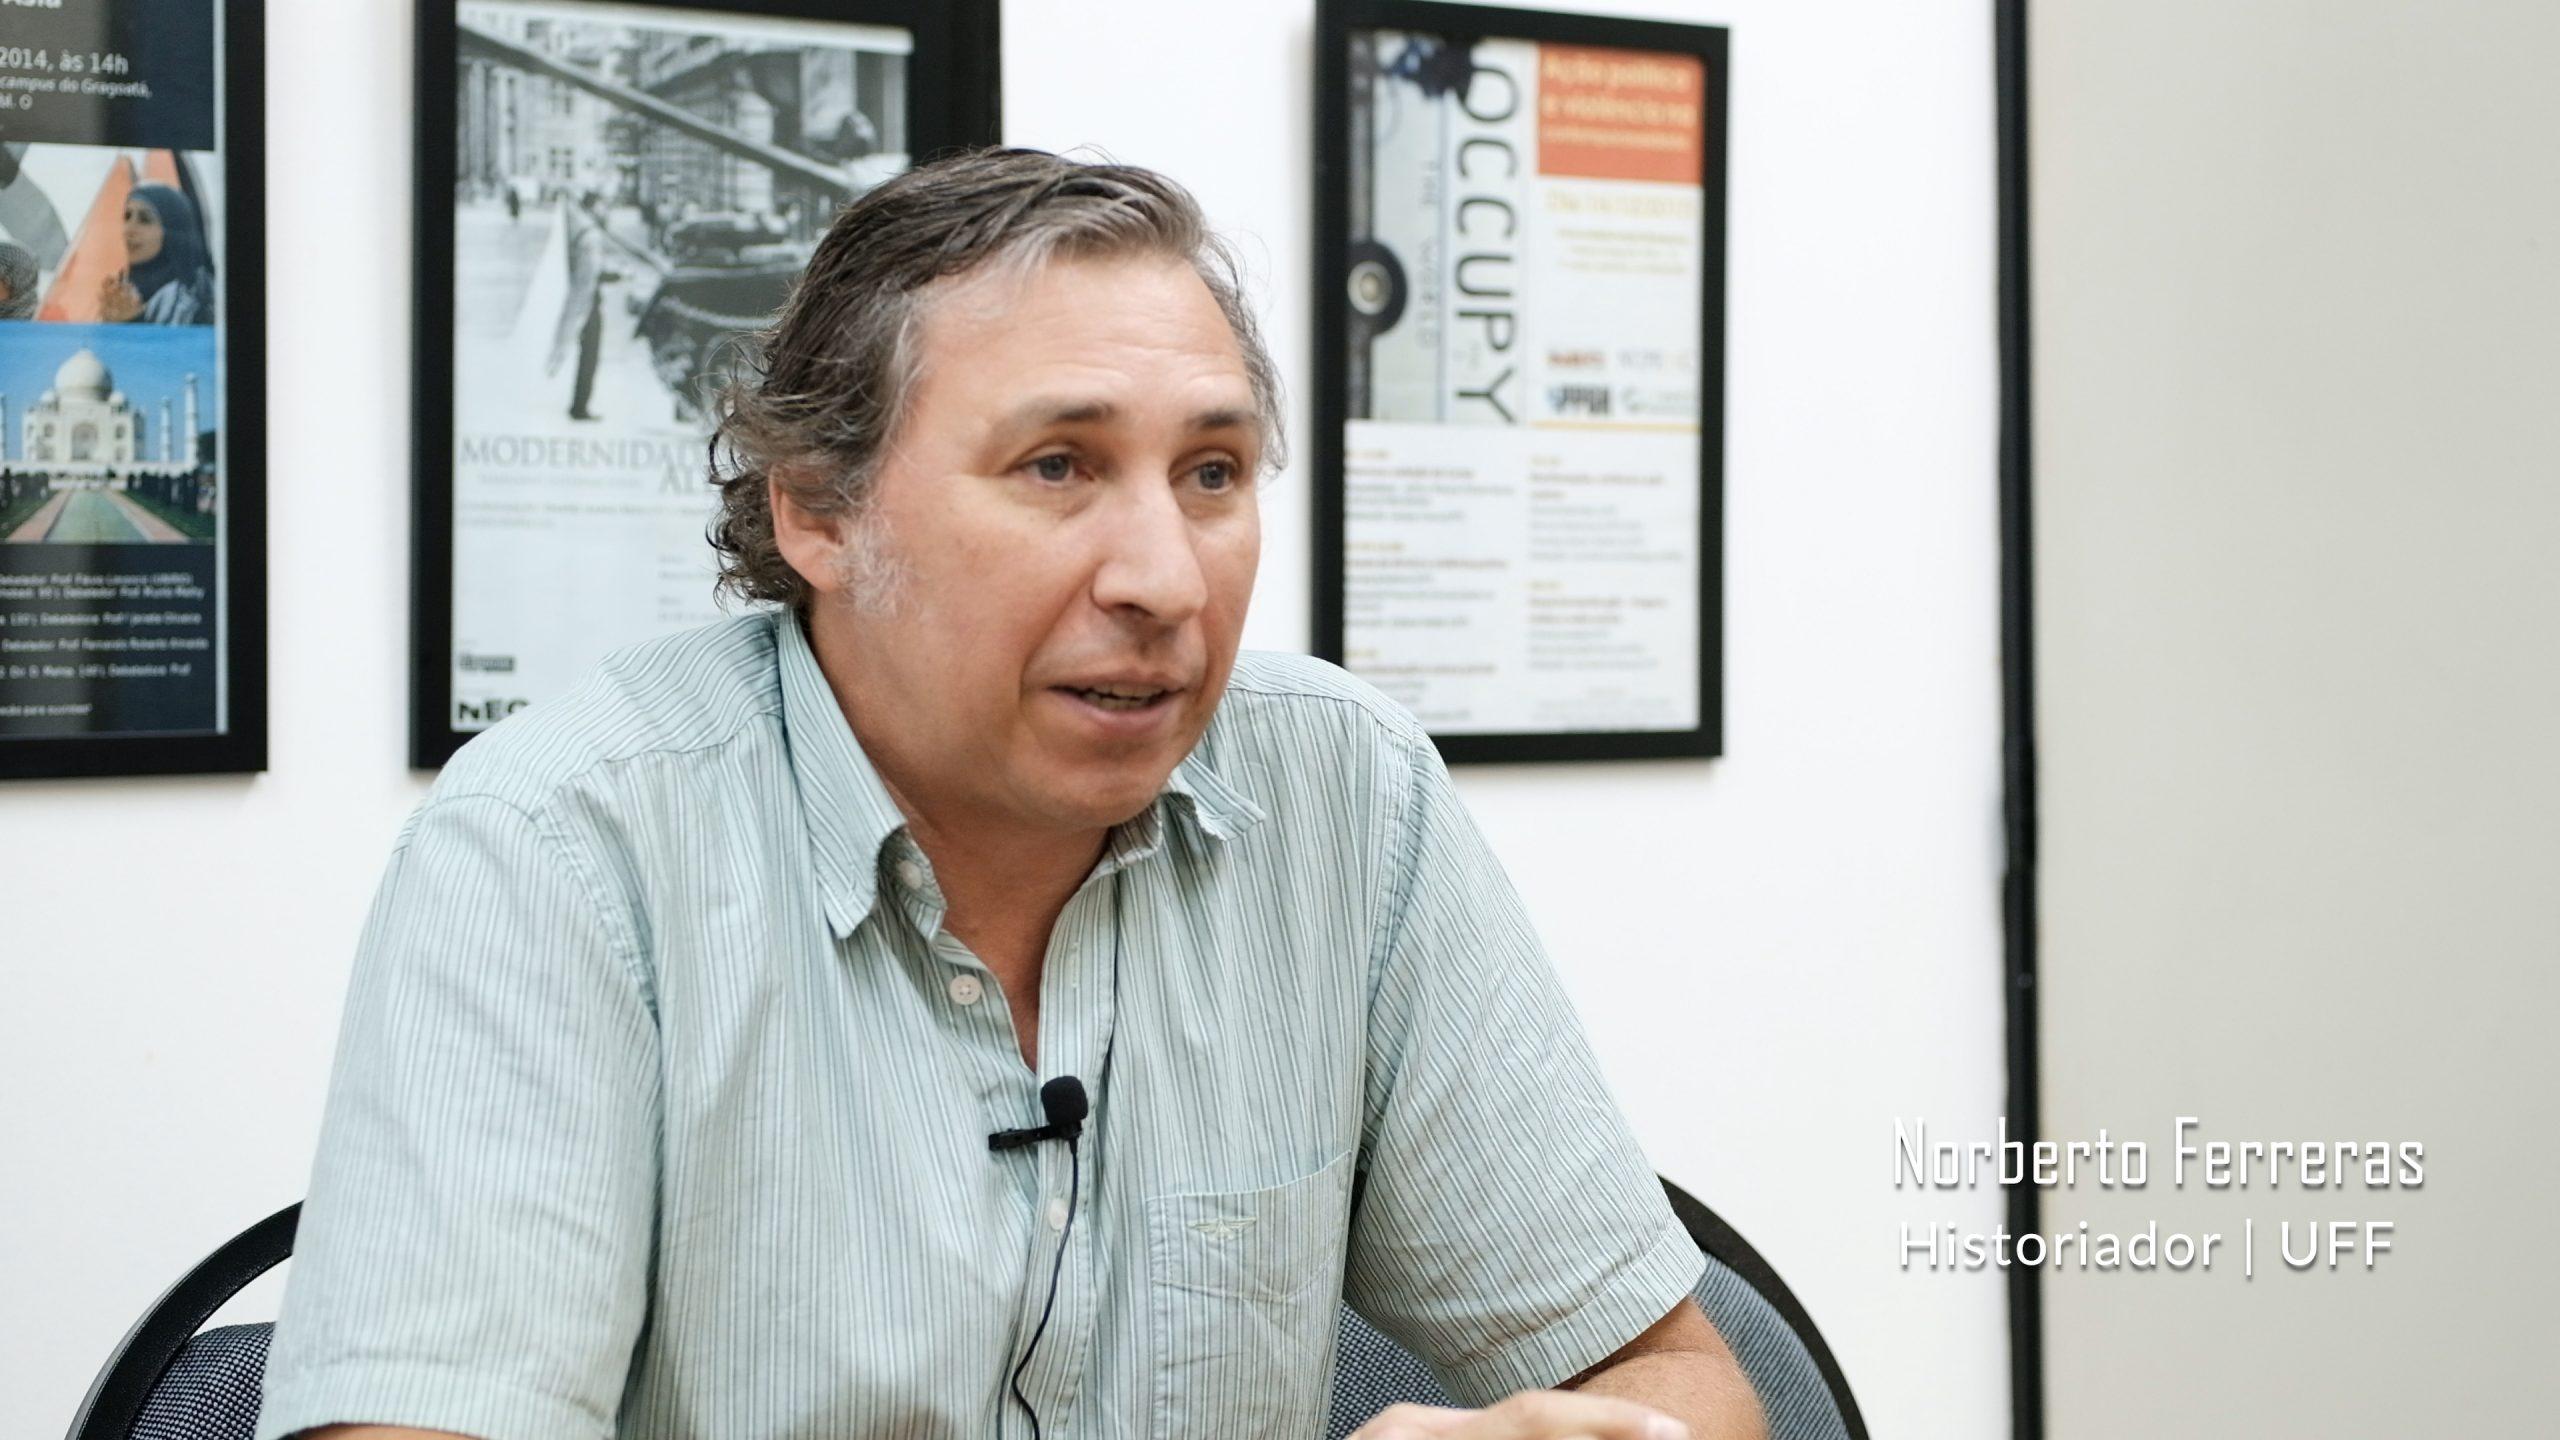 Labuta #08: O que é história social do trabalho? – Entrevista com Norberto Ferreras